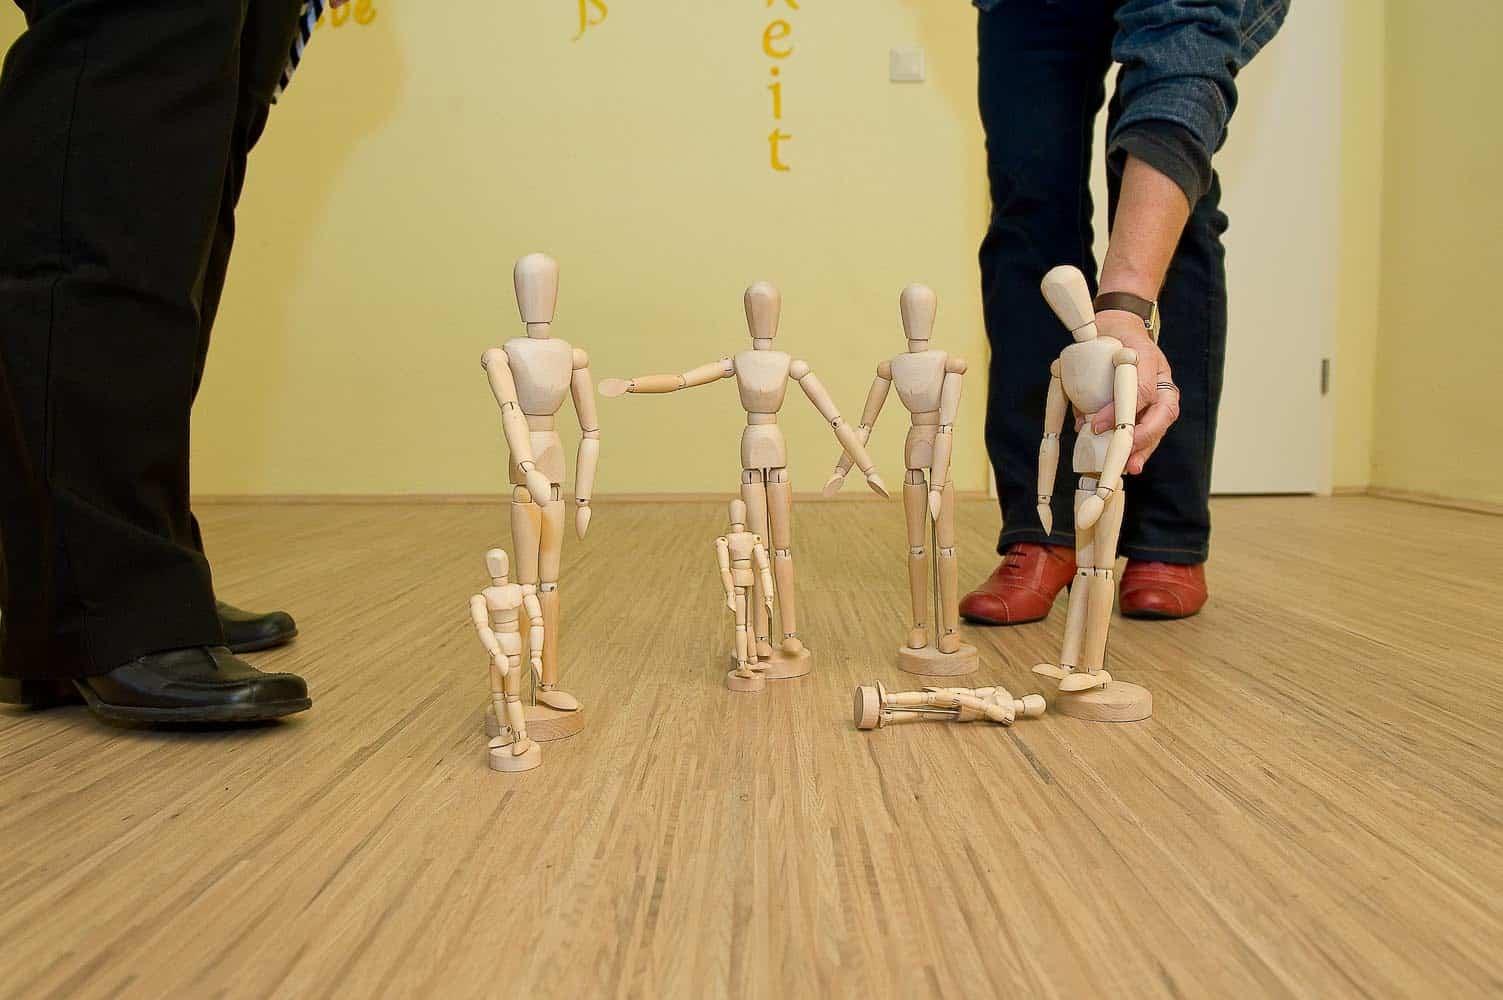 Systemische Aufstellung im Raum mit Holzfiguren